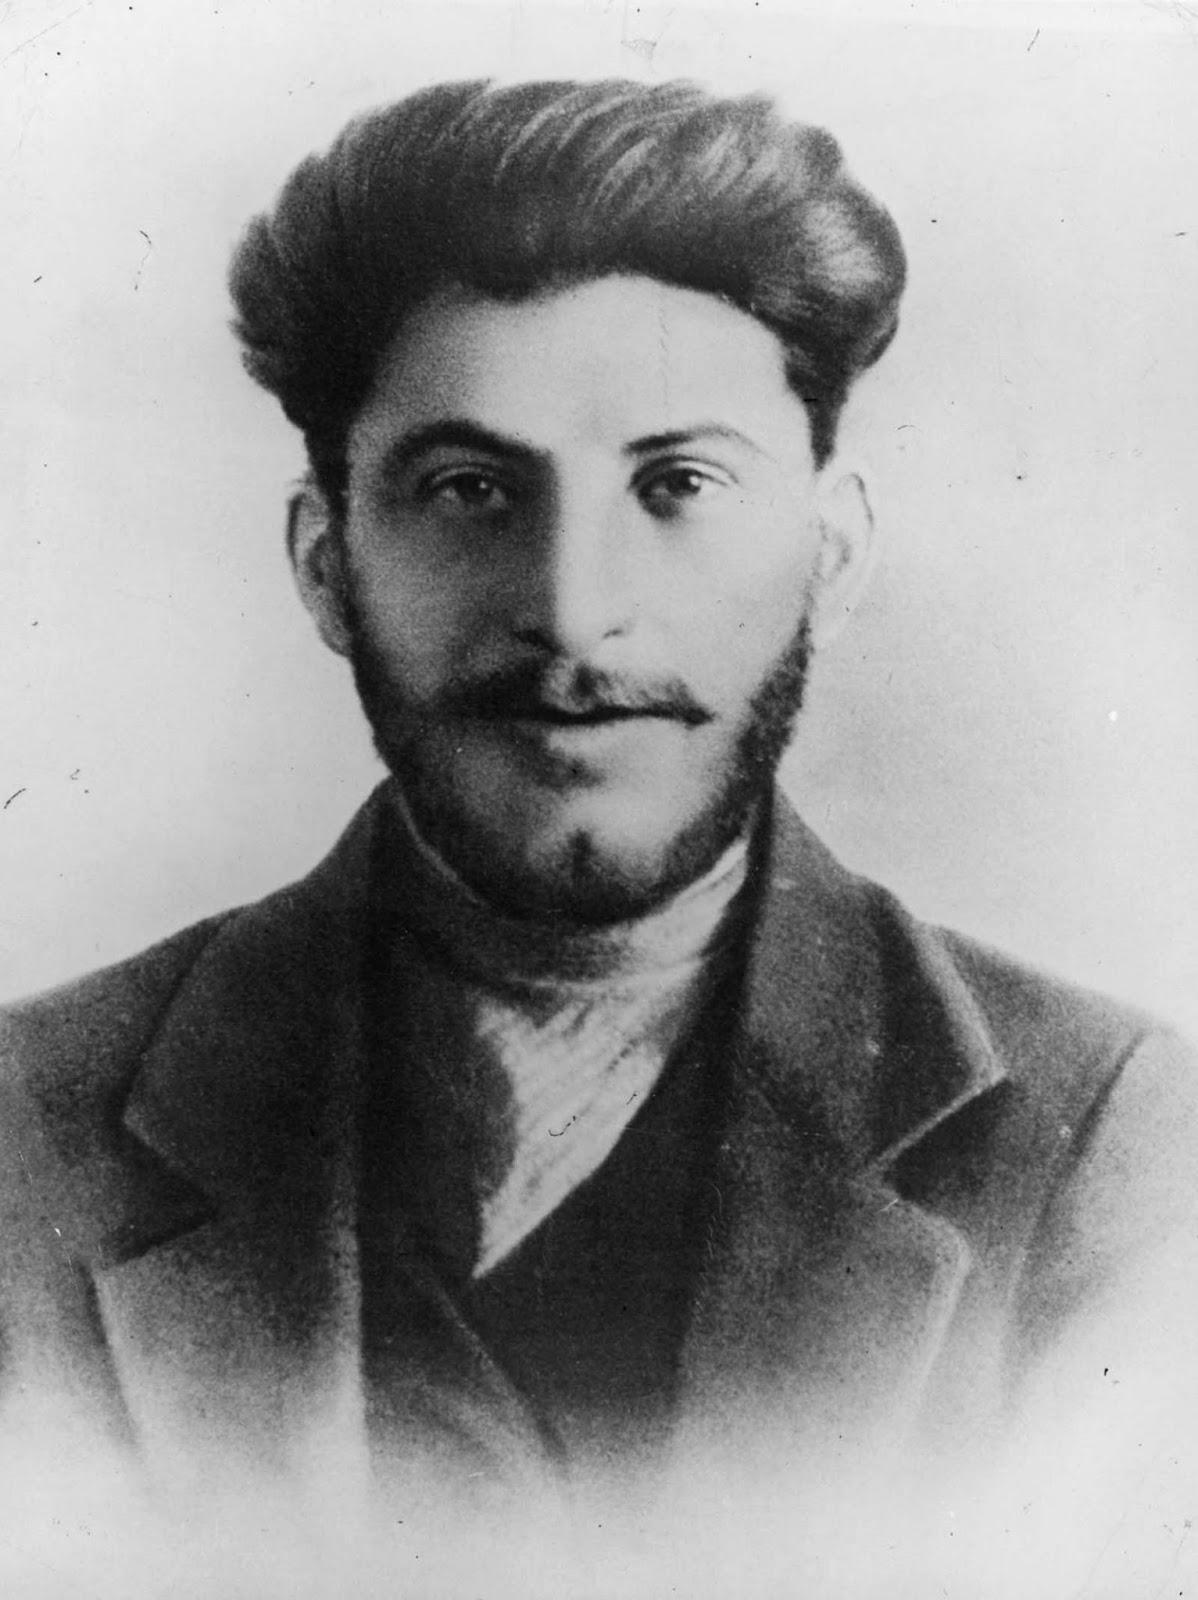 Stalin nunca cortaría una figura muy imponente: creció a solo cinco pies y cuatro pulgadas, y durante el resto de su vida su falta le molestó, lo que hizo que recurriera a los zapatos de plataforma y otros dispositivos en un esfuerzo por parecer más alto de lo que realmente era. . 1906.